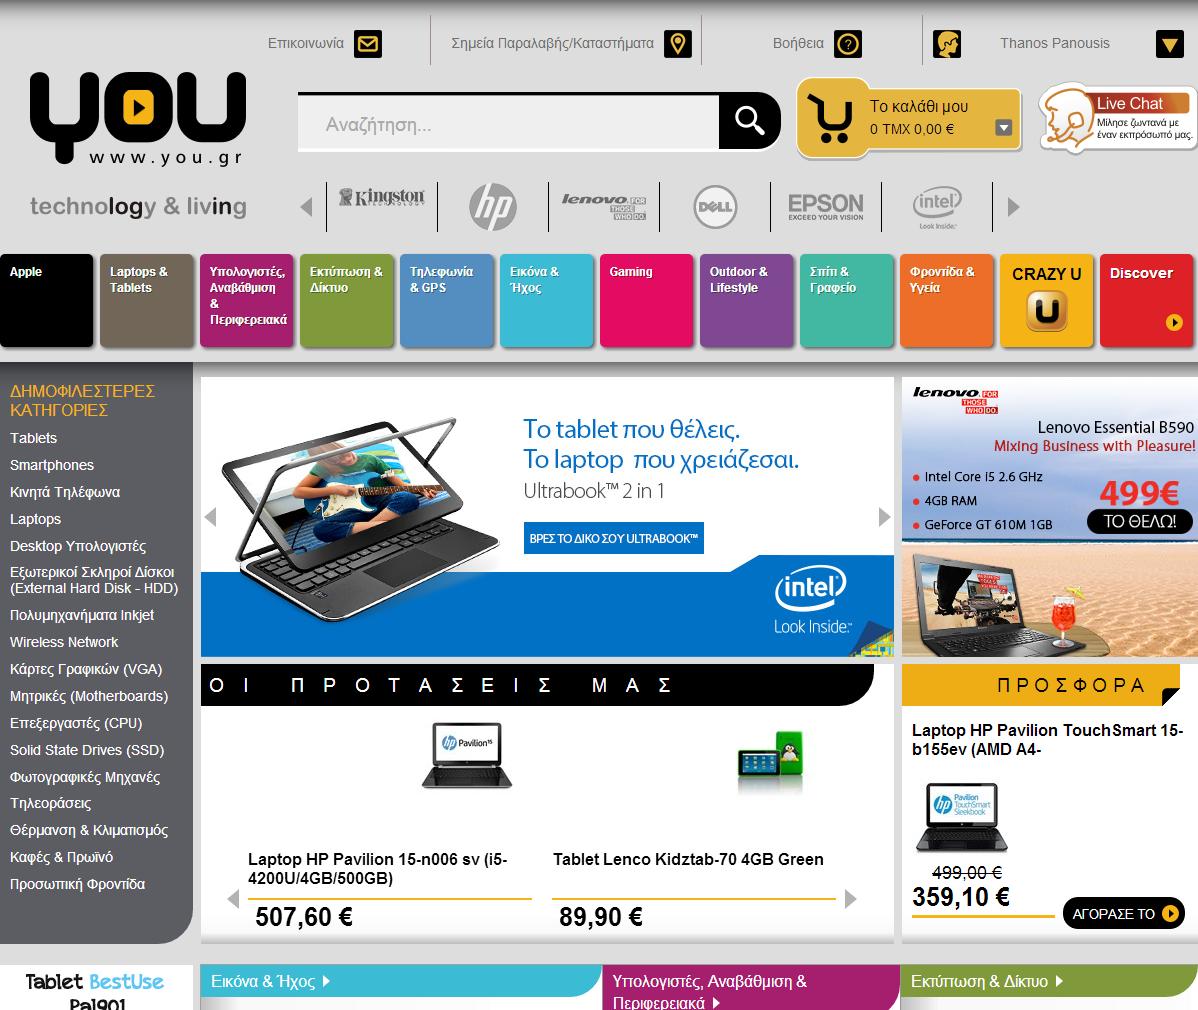 www.you.gr homepage screenshot